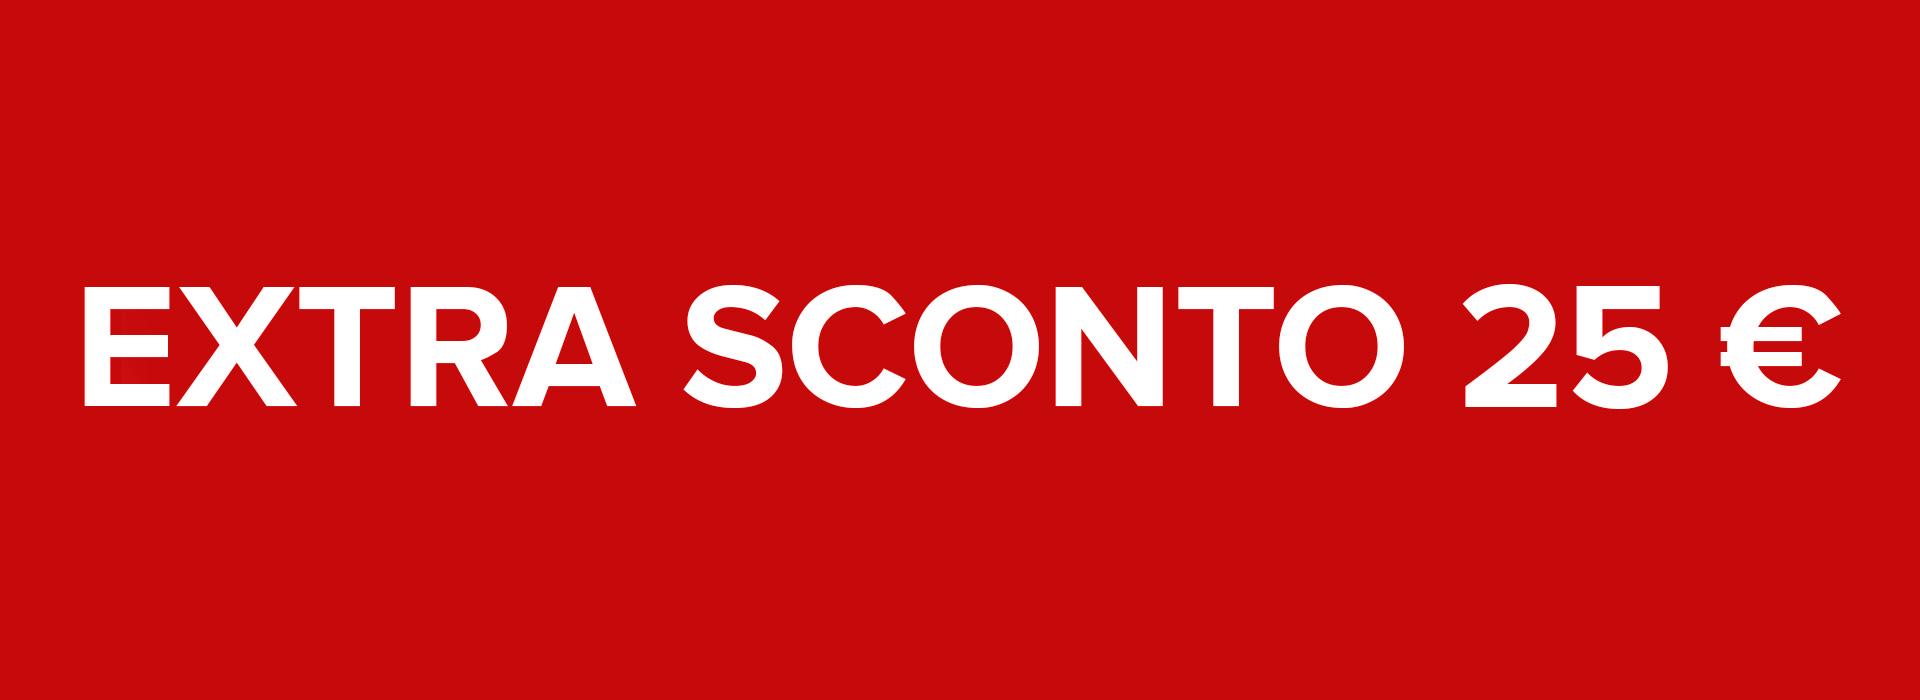 PROMOZIONE PRENOTA PRIMA ONLINE: EXTRA SCONTO 25 €